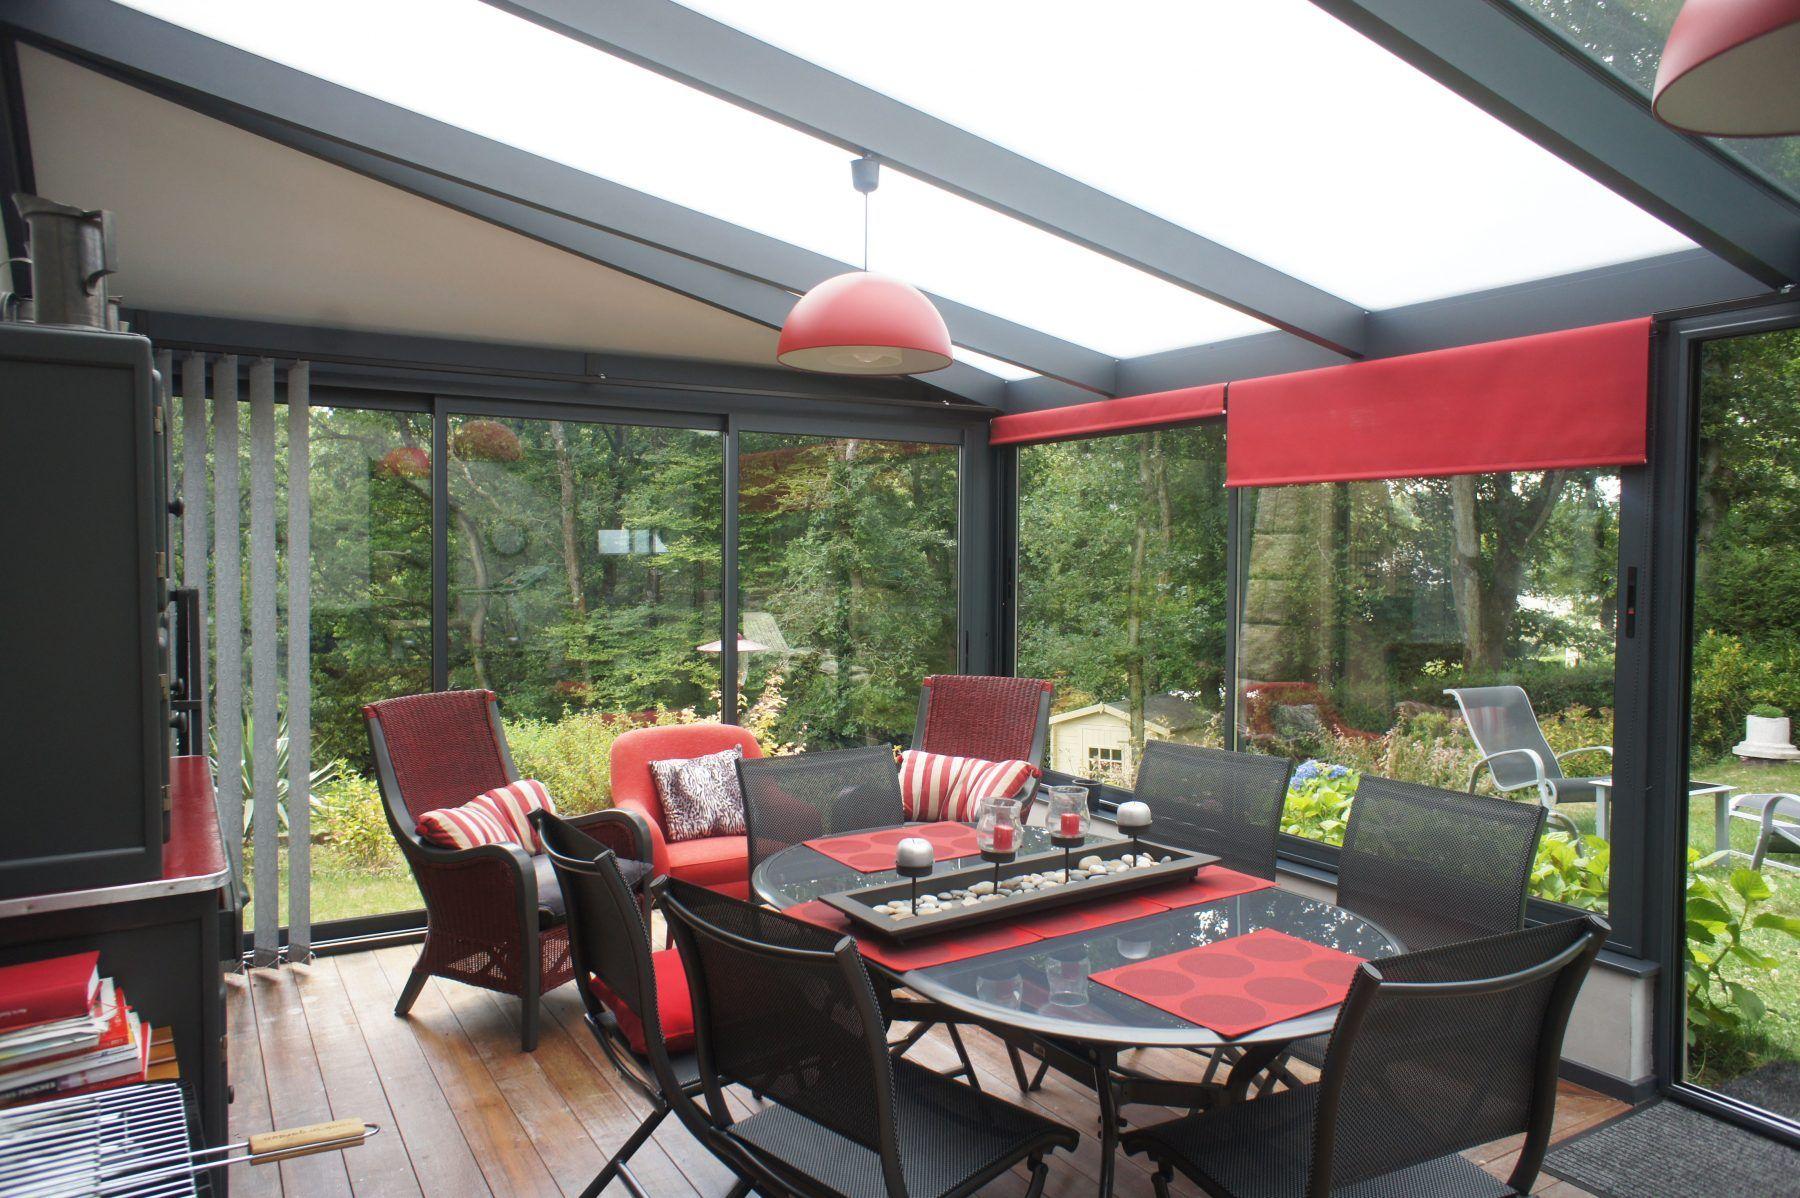 Veranda Jardin Hiver Avec Toiture Equipee De Panneau Sandwich De Polycarbonate Et De Verre Veranda Toiture Veranda Decoration Exterieur